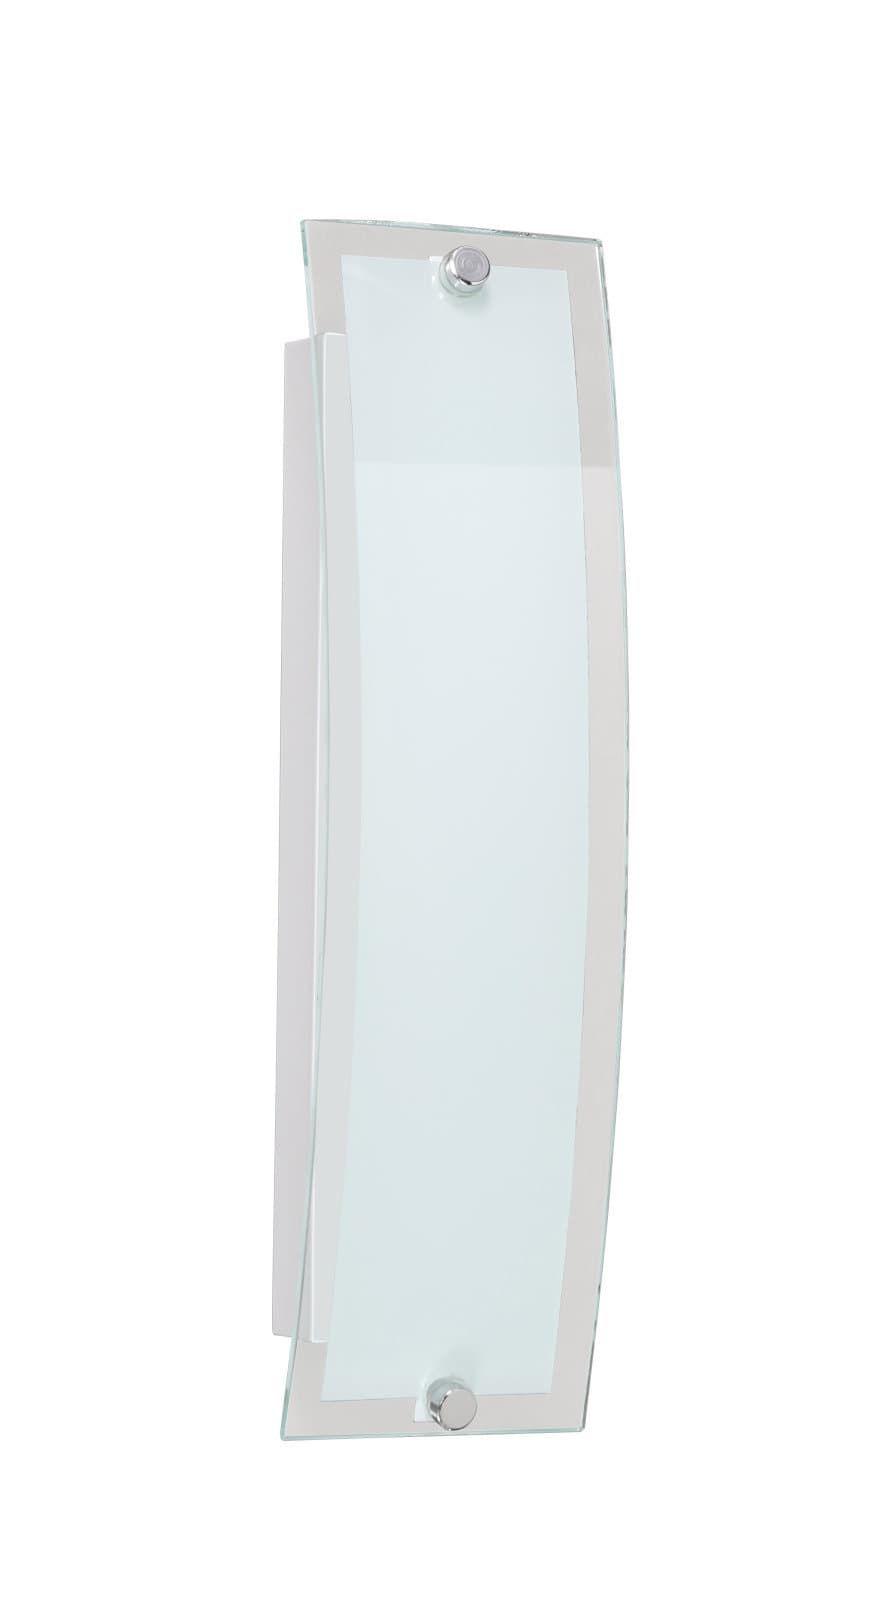 Led Wandleuchte Lorenz Nickel Matt Glas Wohnzimmer